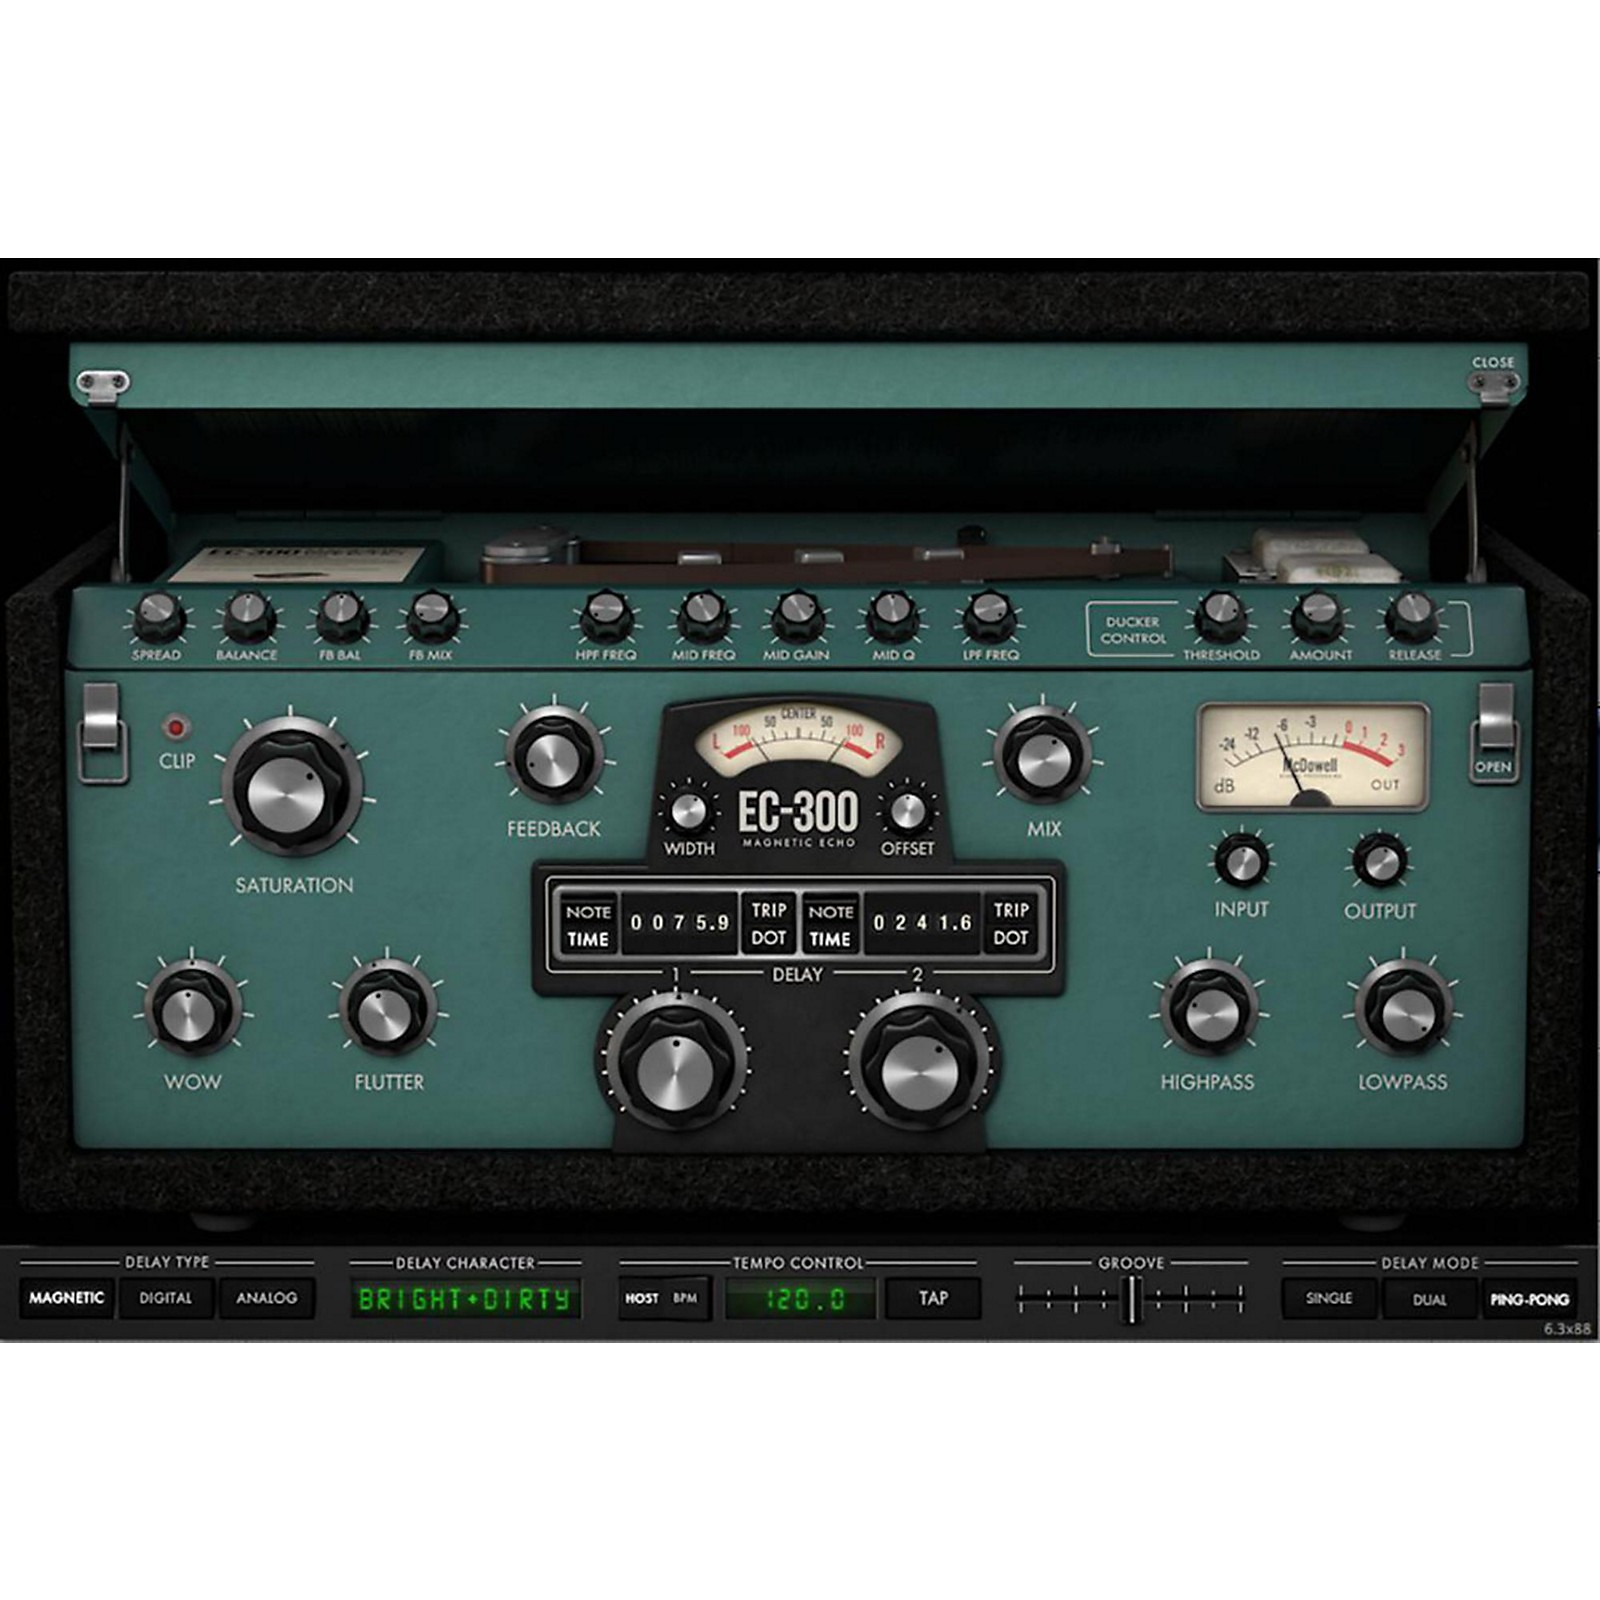 McDSP EC-300 Echo Collection HD v6